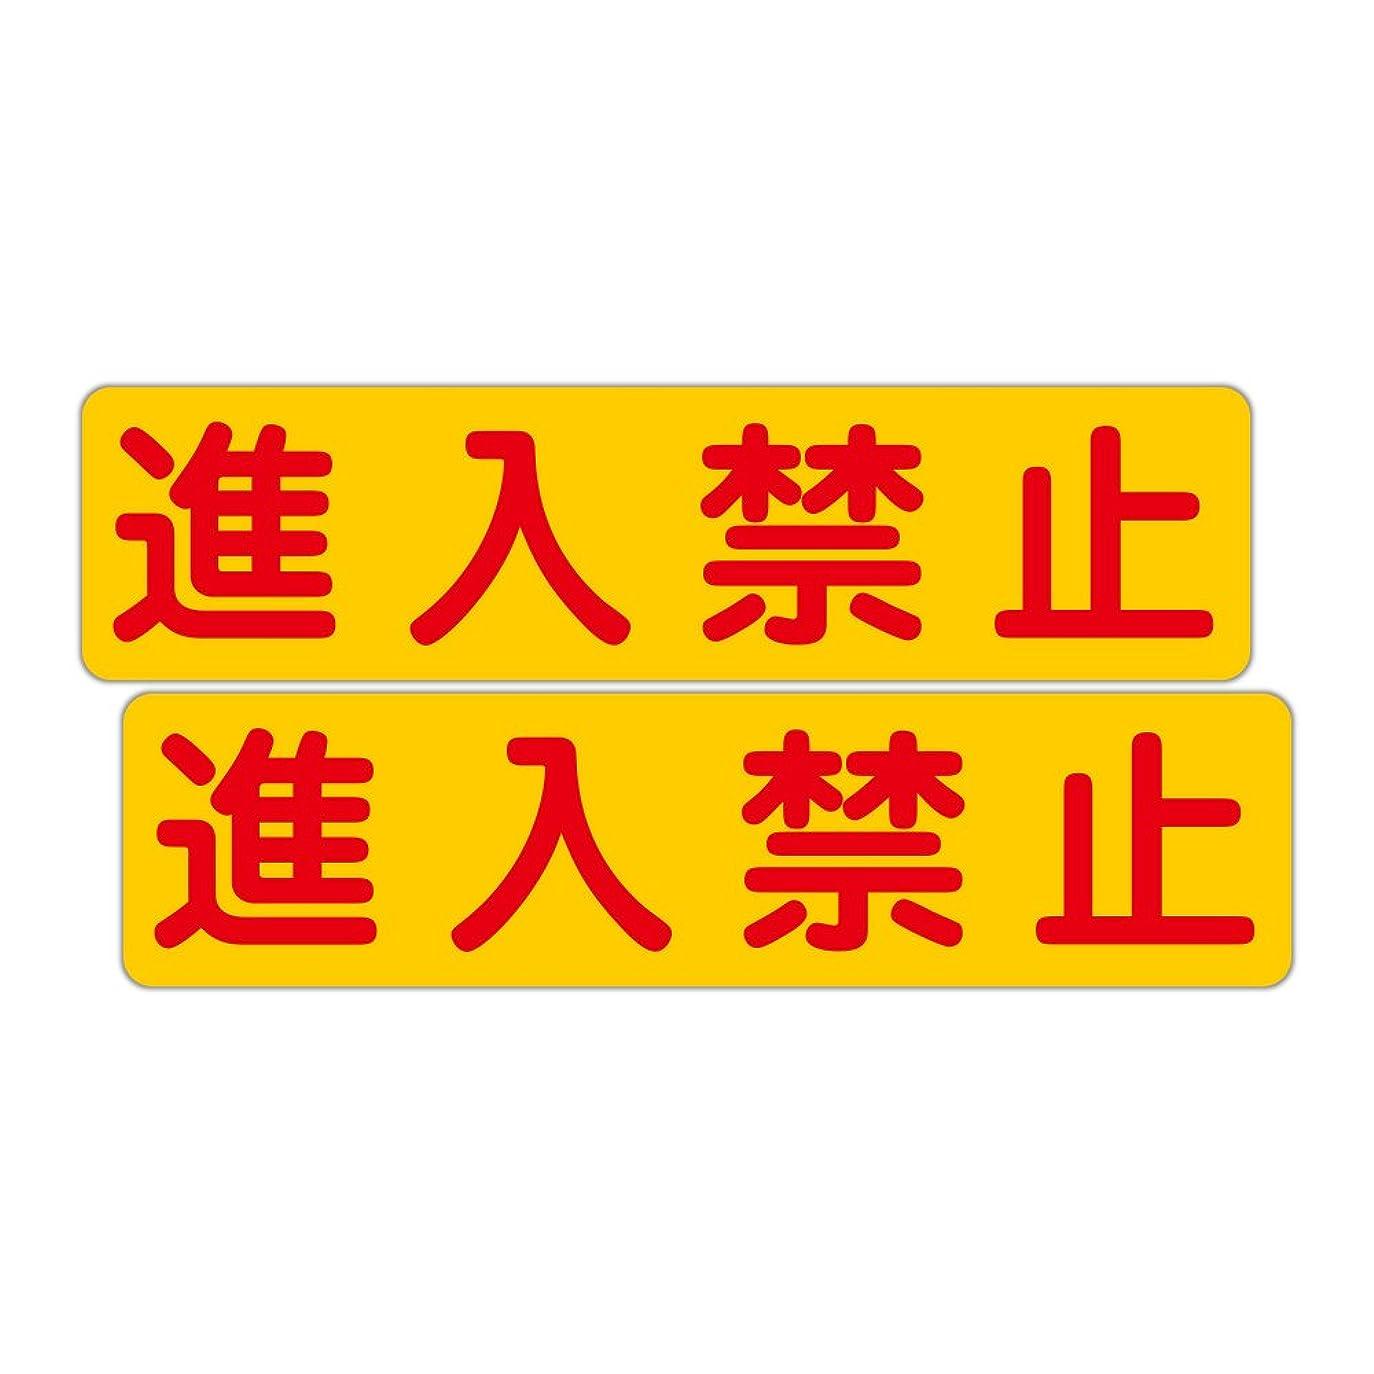 すみません近く前文「注意?警告 進入禁止」 床や路面に直接貼れる 路面表示ステッカー 300X75mm ヨコ型 2枚組